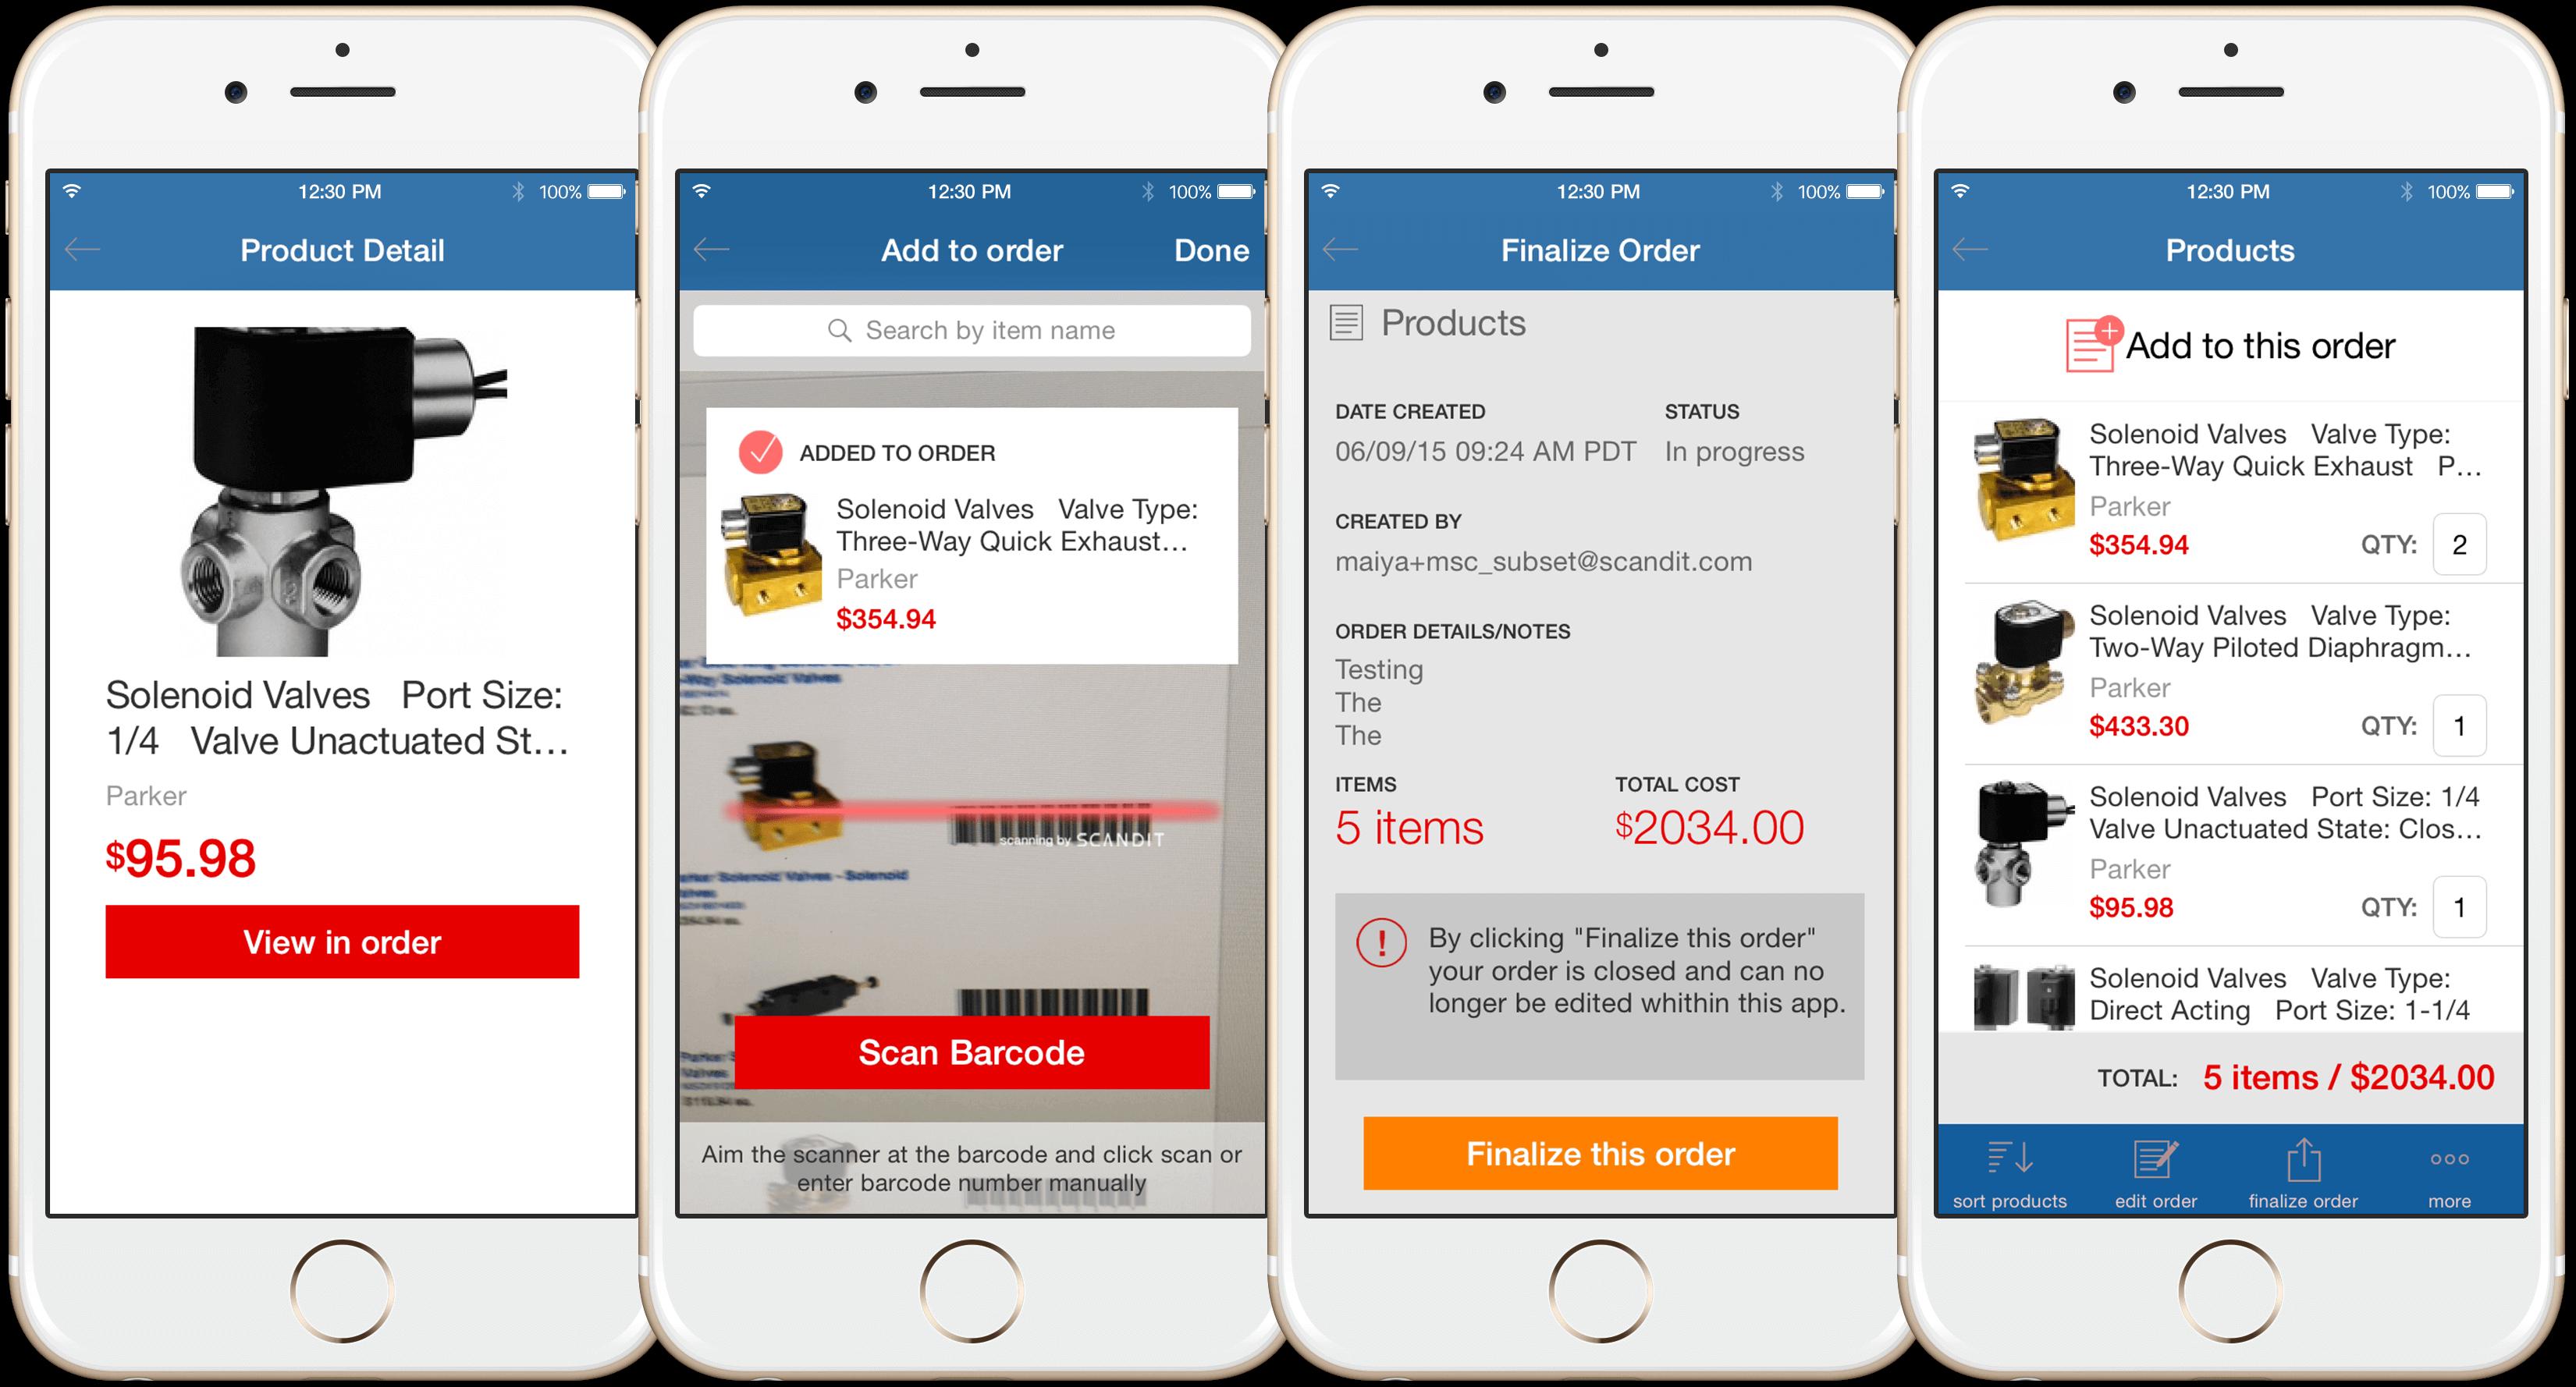 Scandit-OrderEntry-PhoneScreens (1)